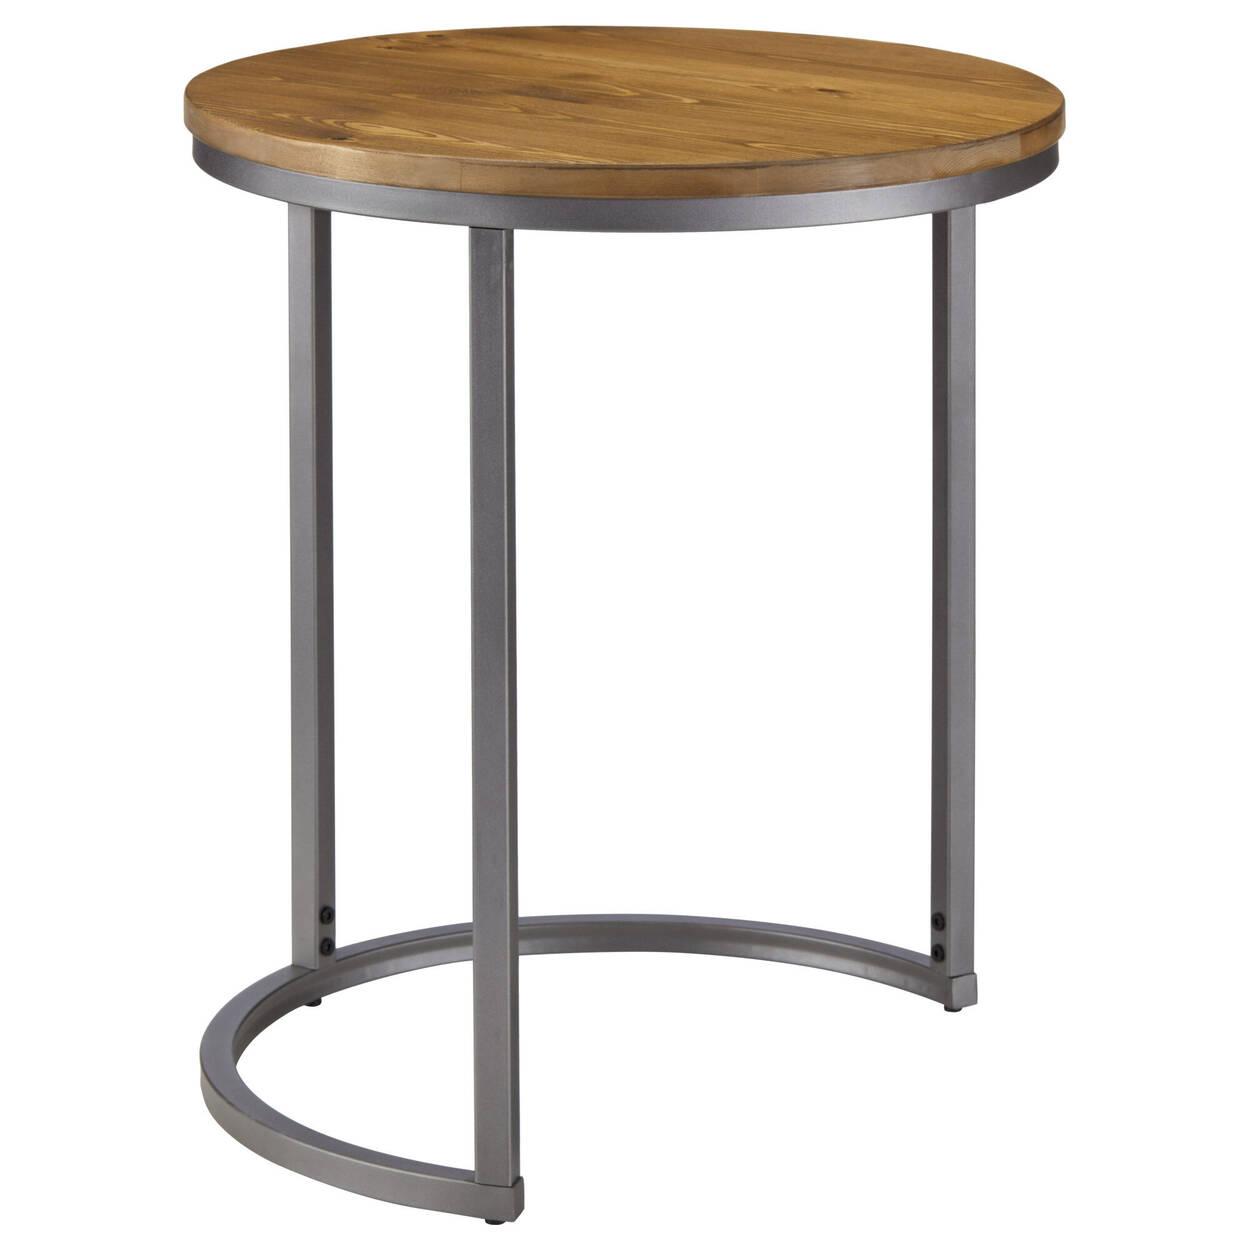 Ensemble de 2 tables d'appoint en pin avec pieds en métal